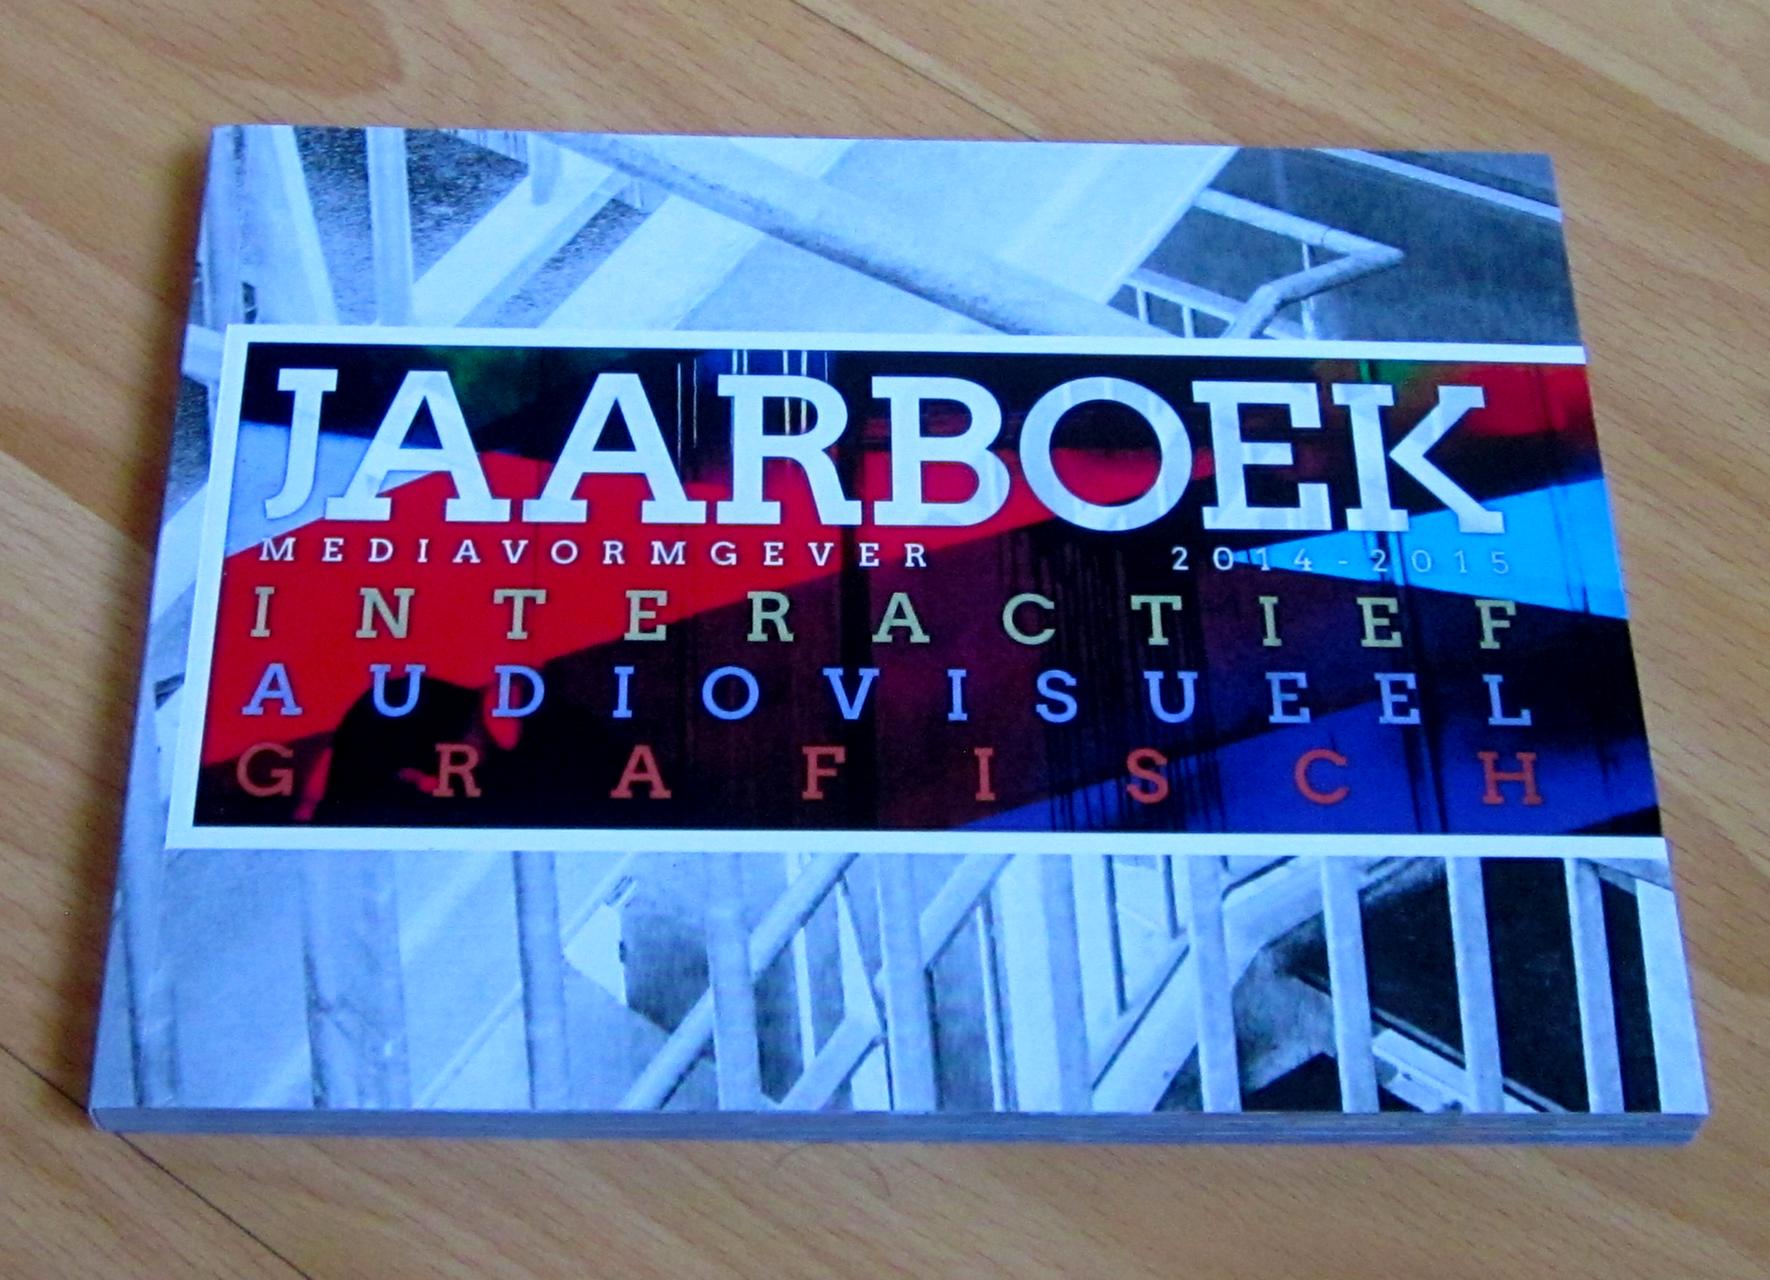 Jaarboek Media Design, Drukwerk, creatief, grafisch, Nijmegen